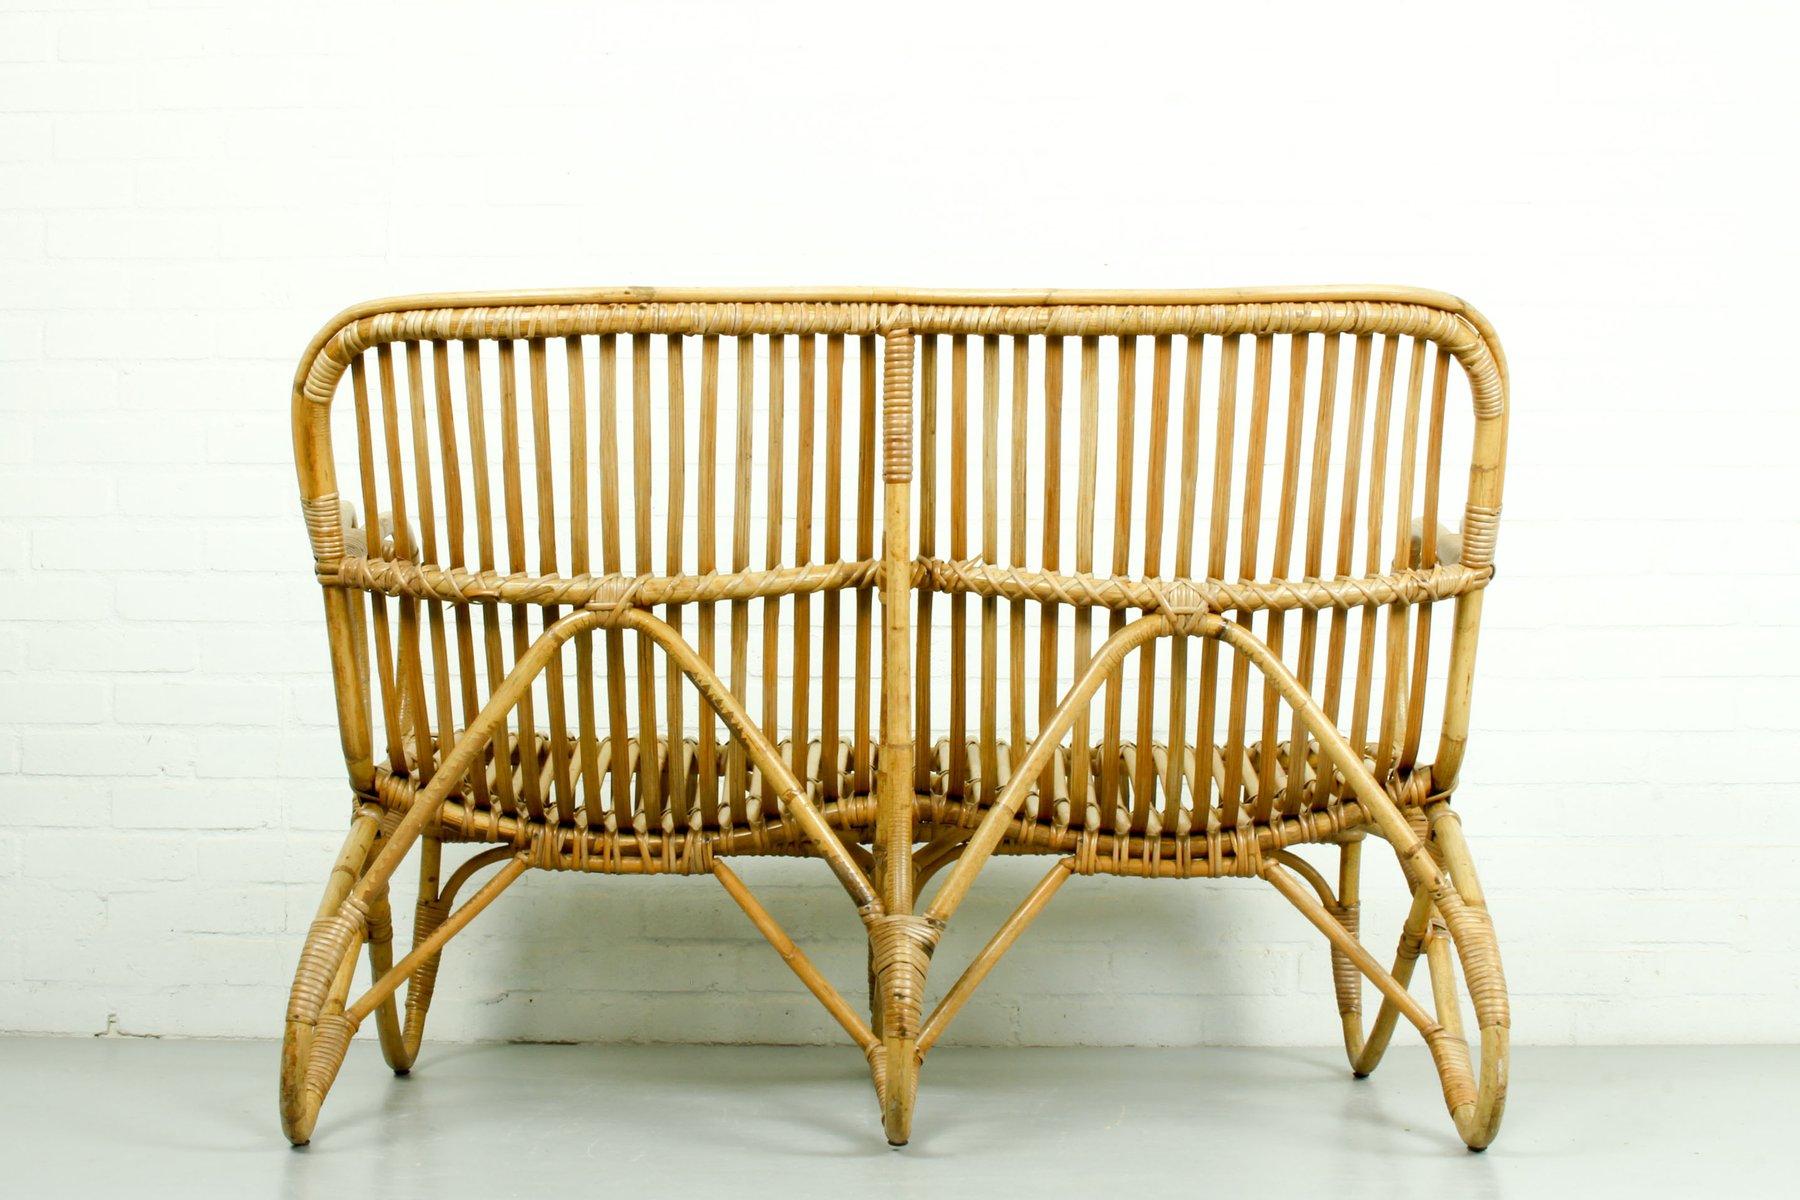 rattan living room furniture seaside cottage price per set rattan living room set by dirk van sliedrecht for rohé noordwolde